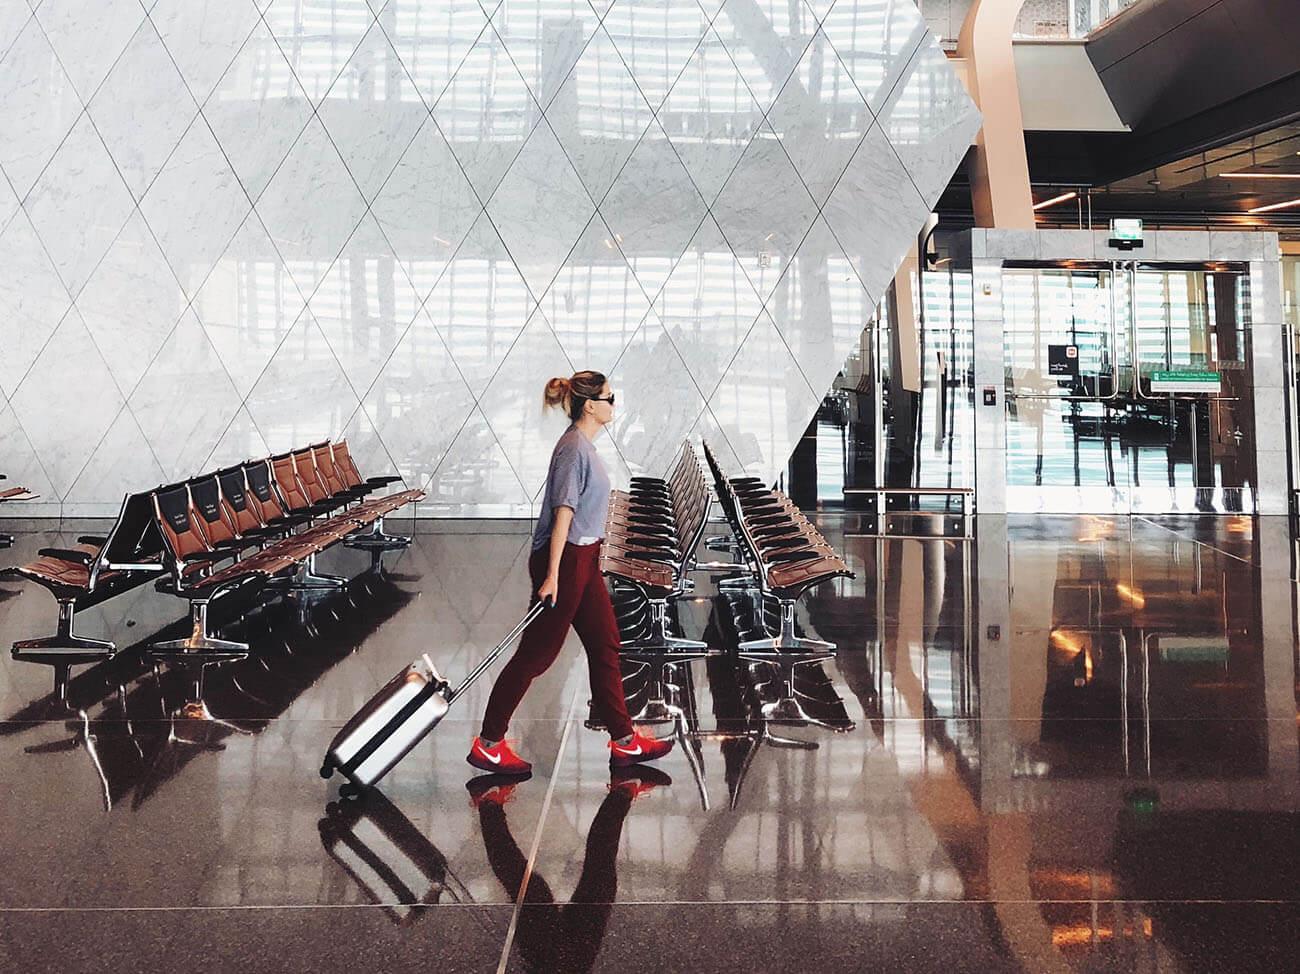 Frau läuft mit Rollkoffer und roten Schuhen in Flughafen